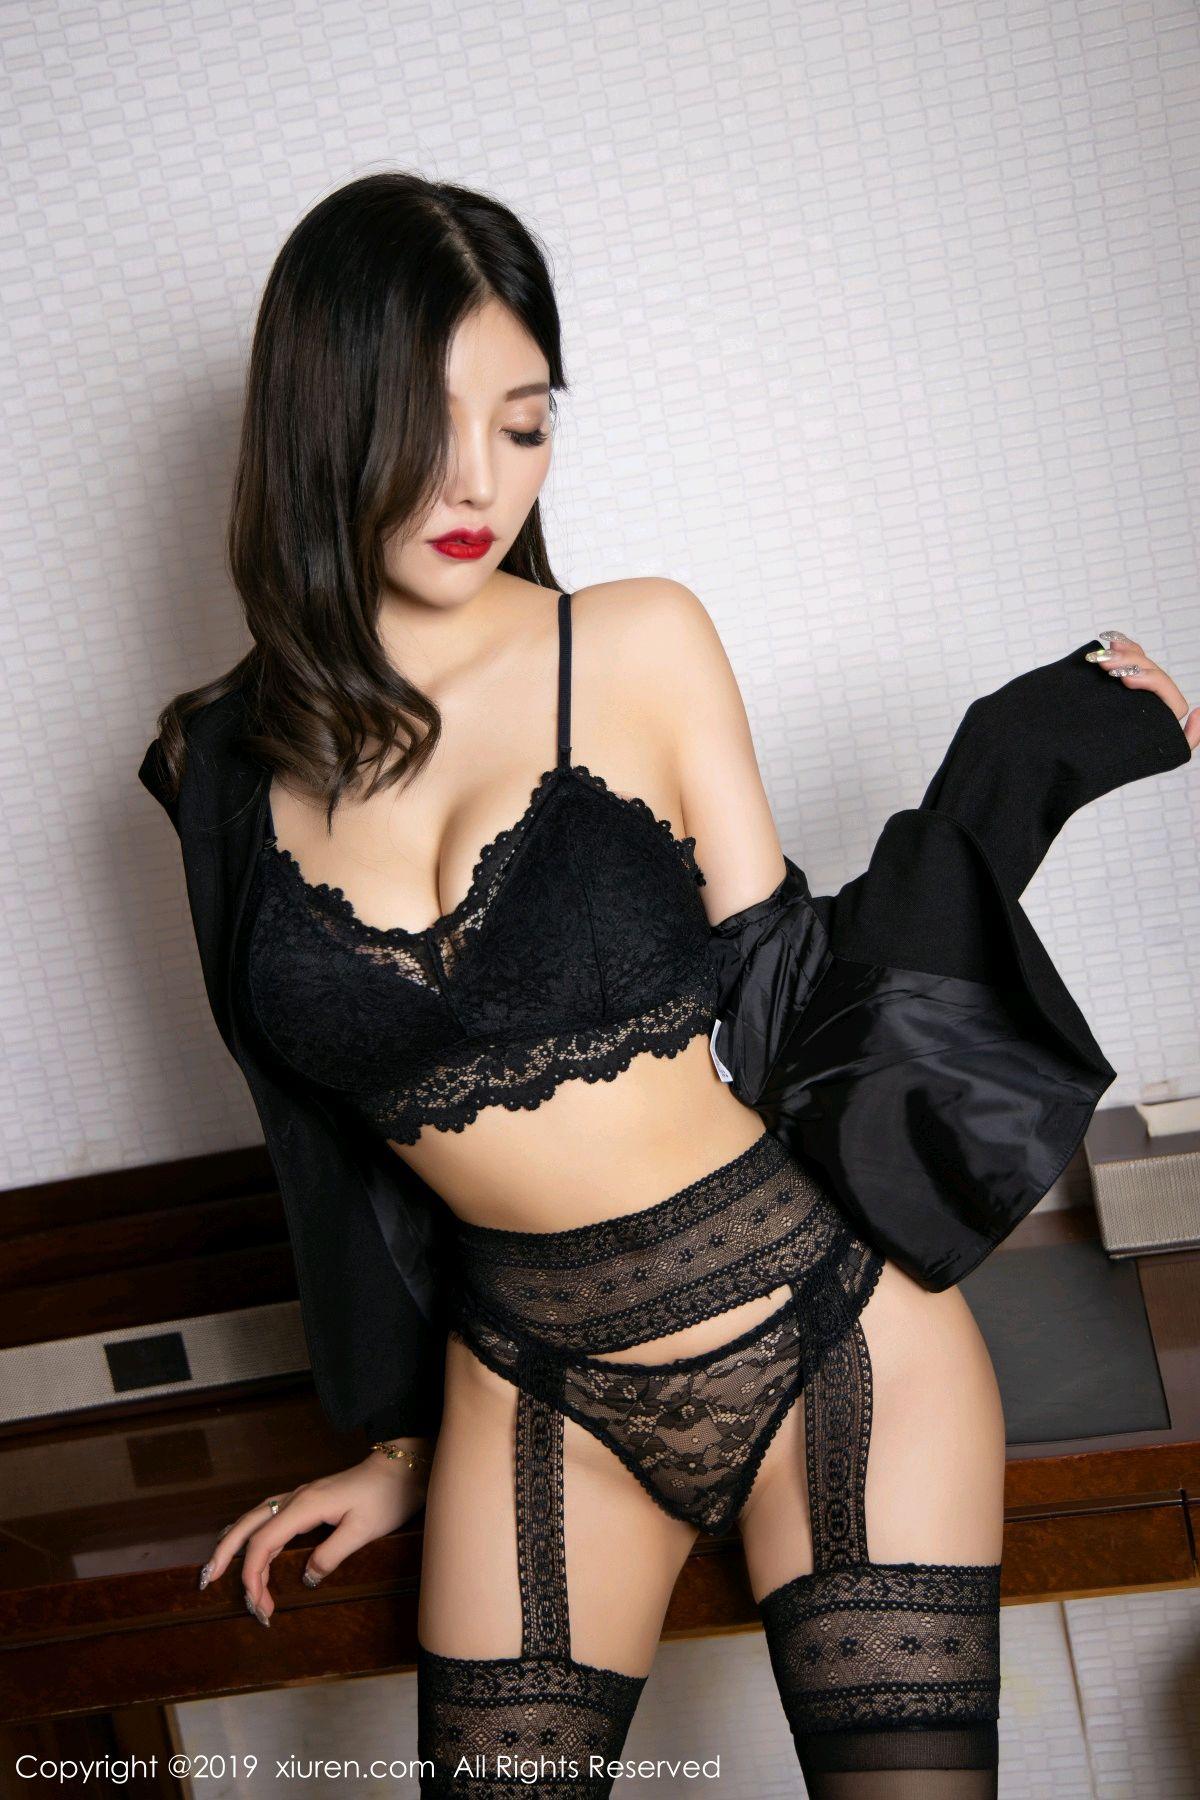 [XiaoYu] Vol.1633 Yang Chen Chen 49P, Black Silk, Tall, Uniform, XiaoYu, Yang Chen Chen